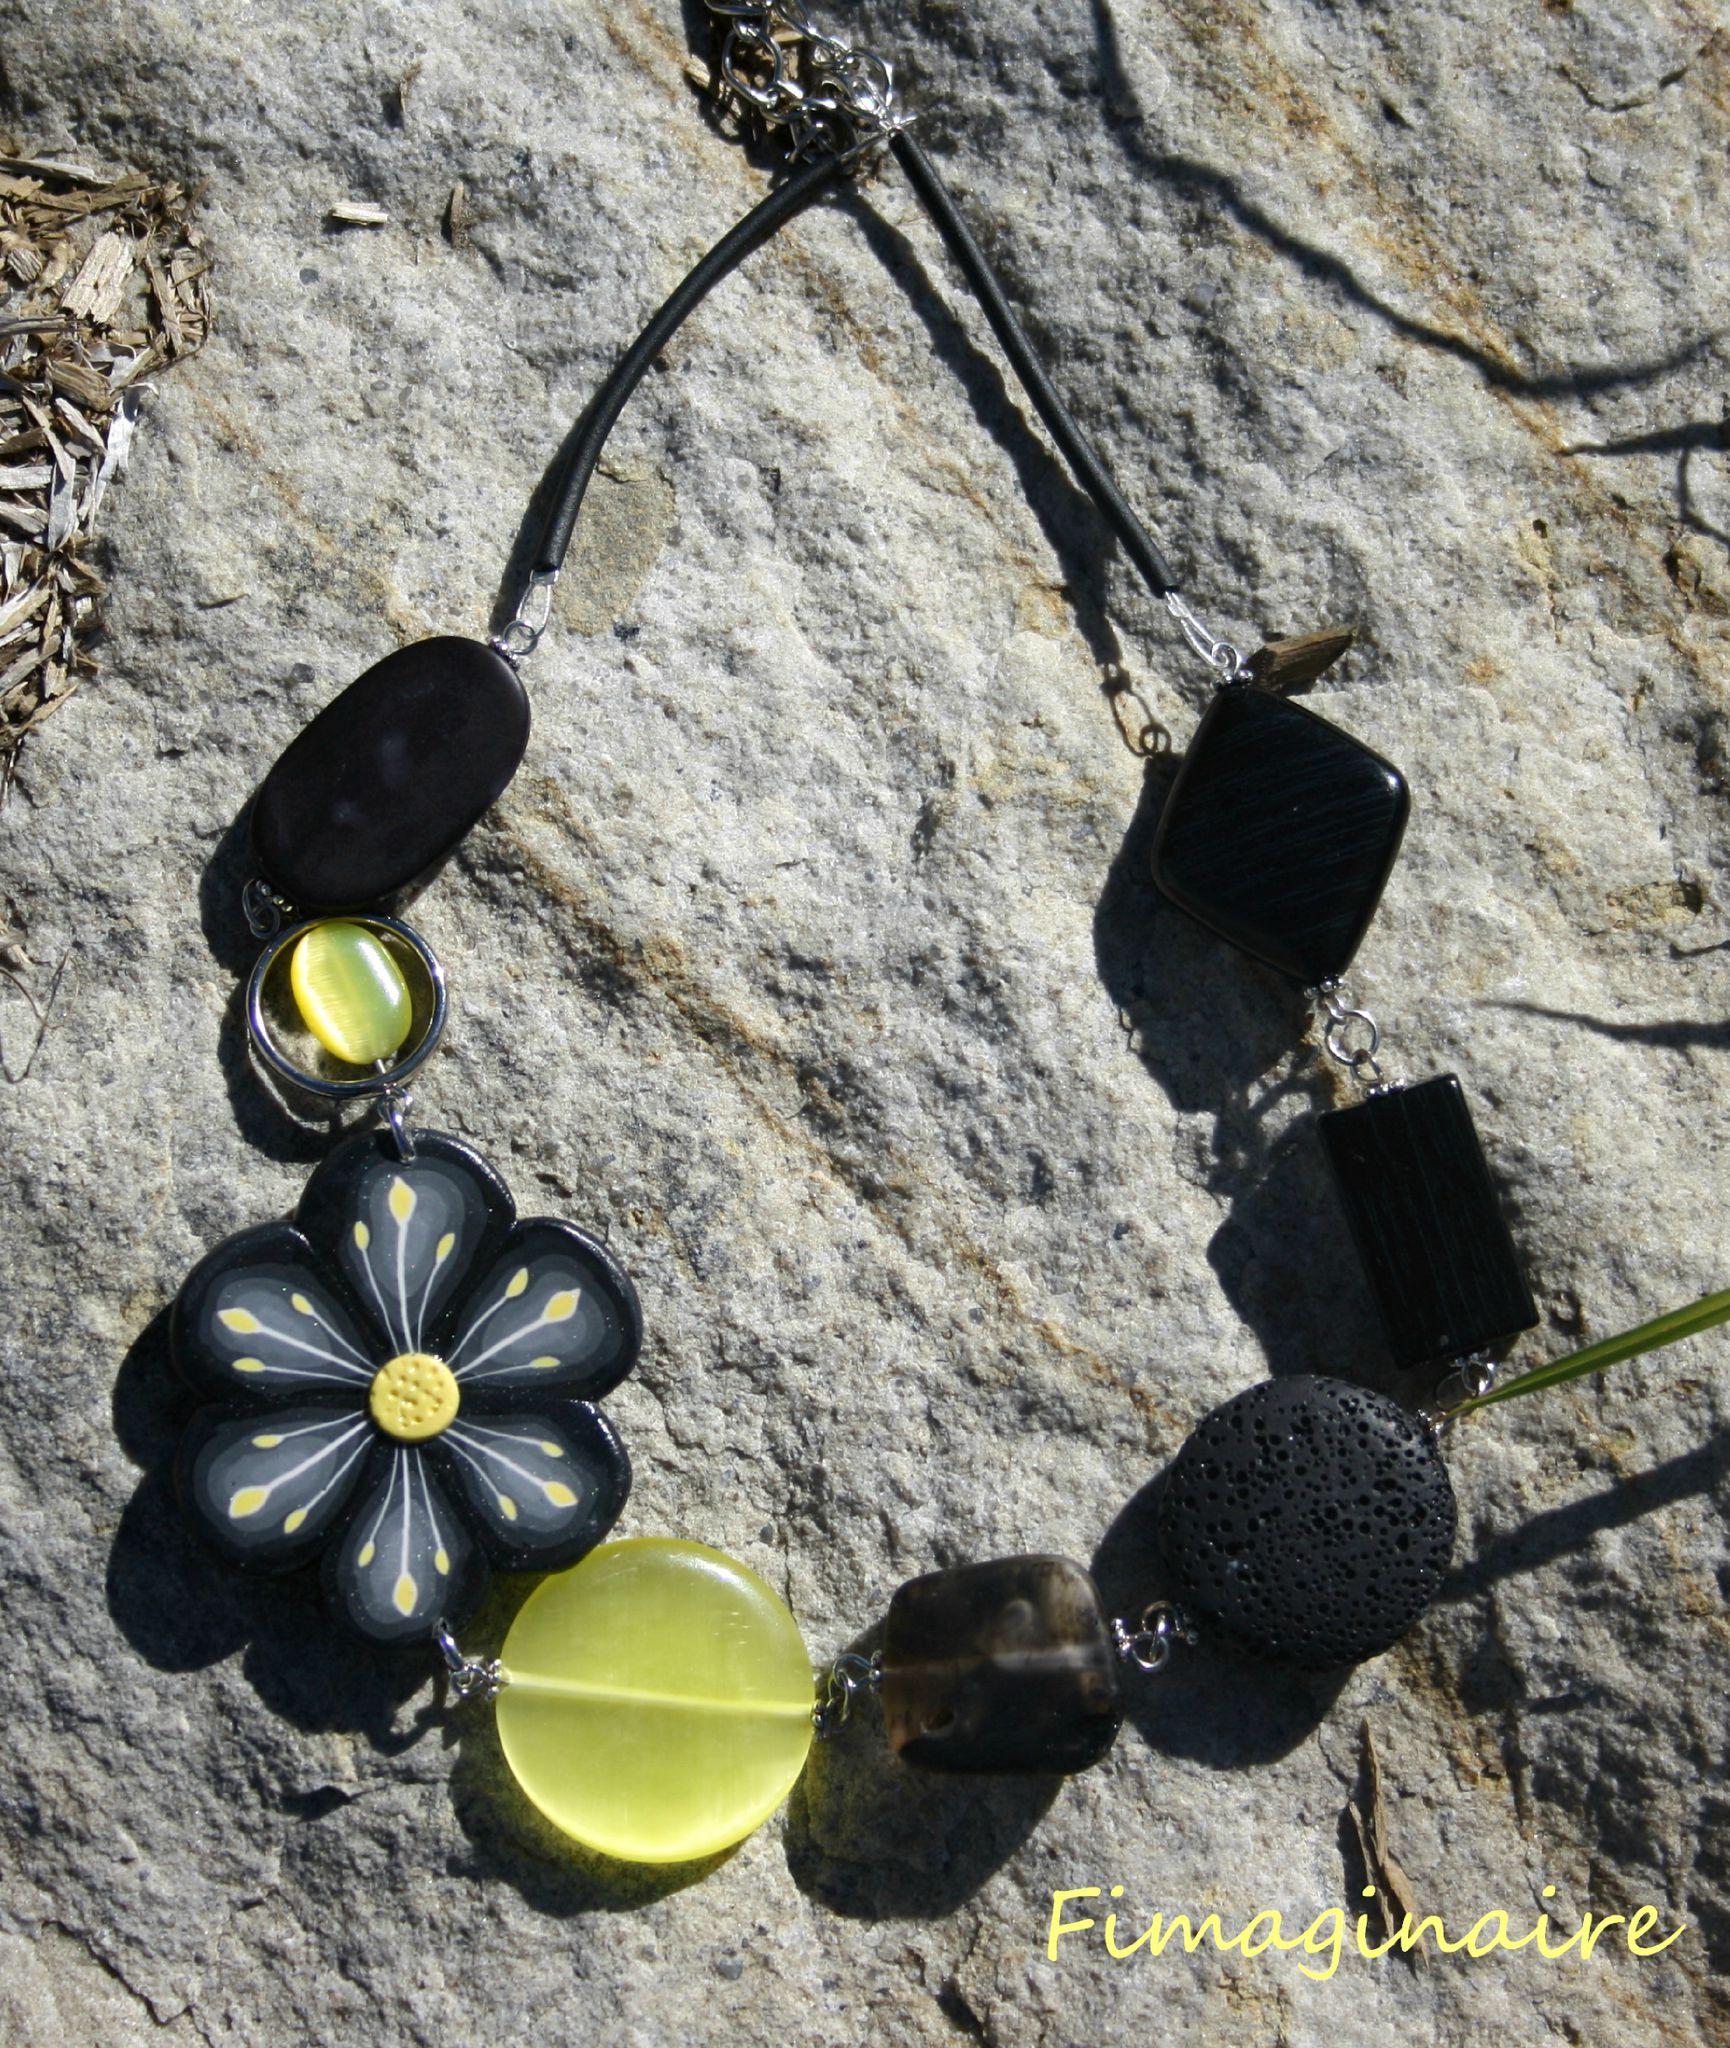 Collier fleur noire et jaune - 26$